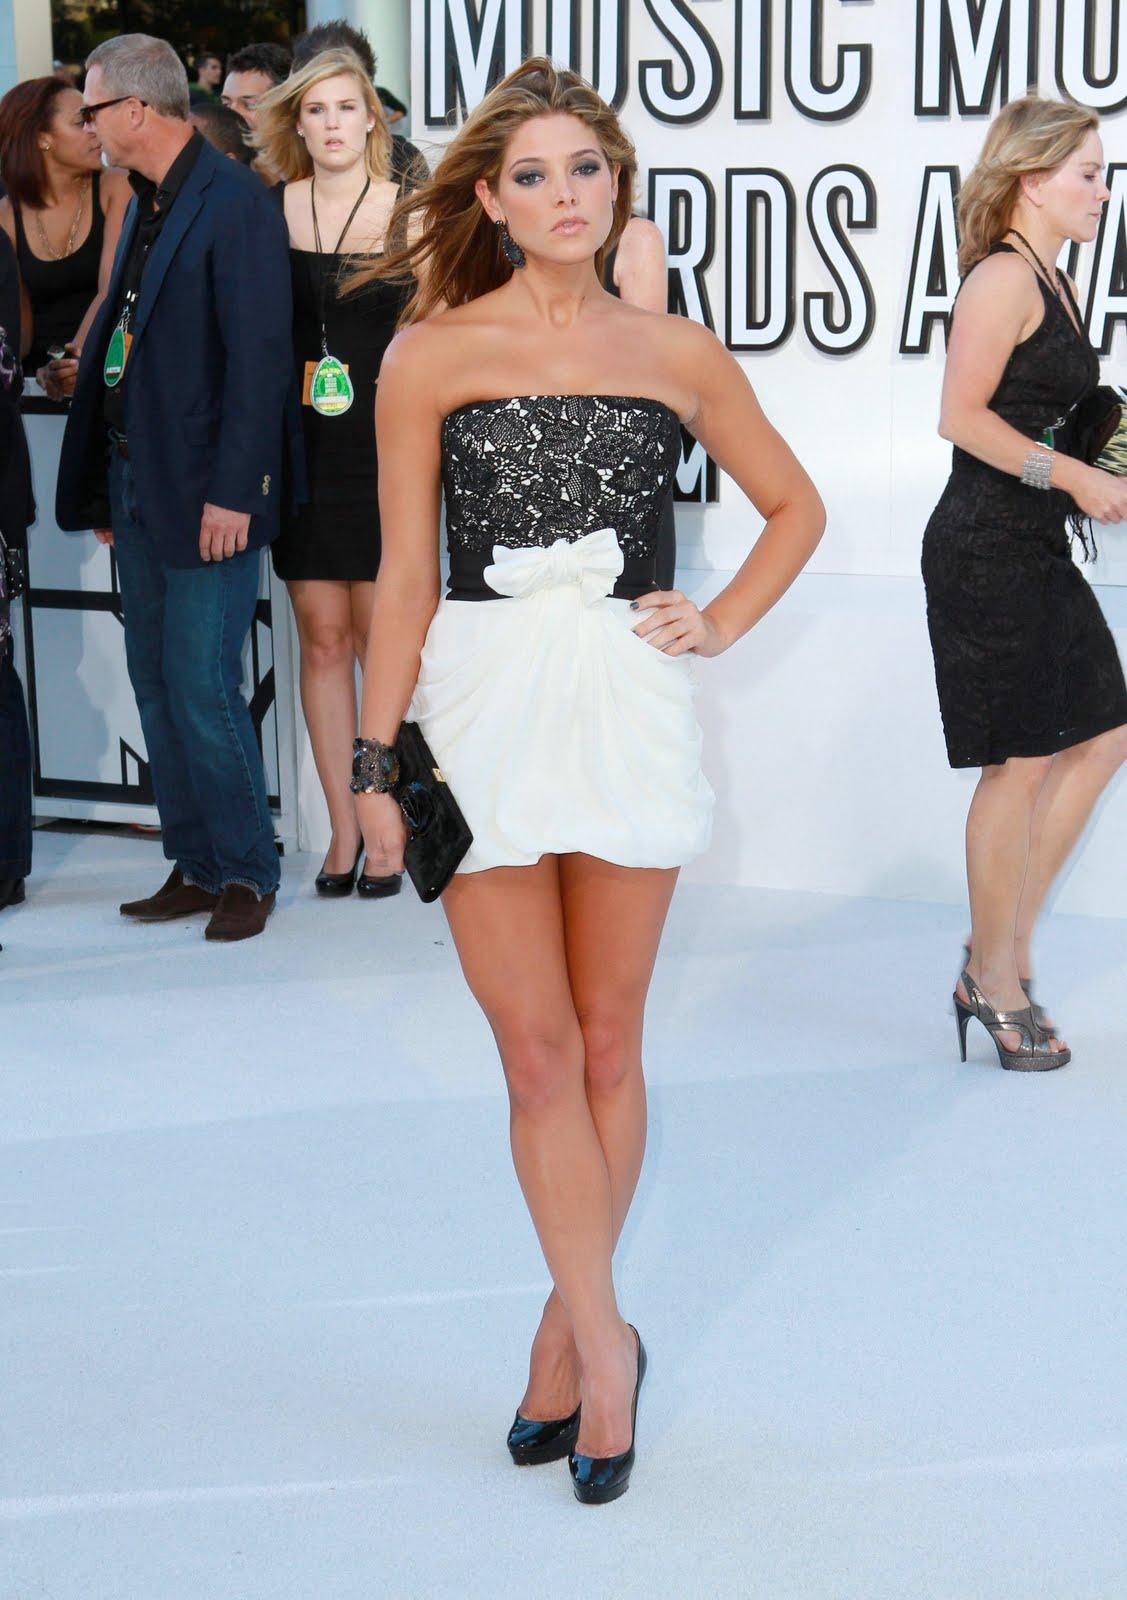 http://2.bp.blogspot.com/_LTi0R8IRkIs/TREtmu1cb7I/AAAAAAAAFZM/xYvNjlZf_rI/s1600/Ashley_Greene_at_the_2010_MTV_Video_Music_Awards_6_122_139lo.JPG